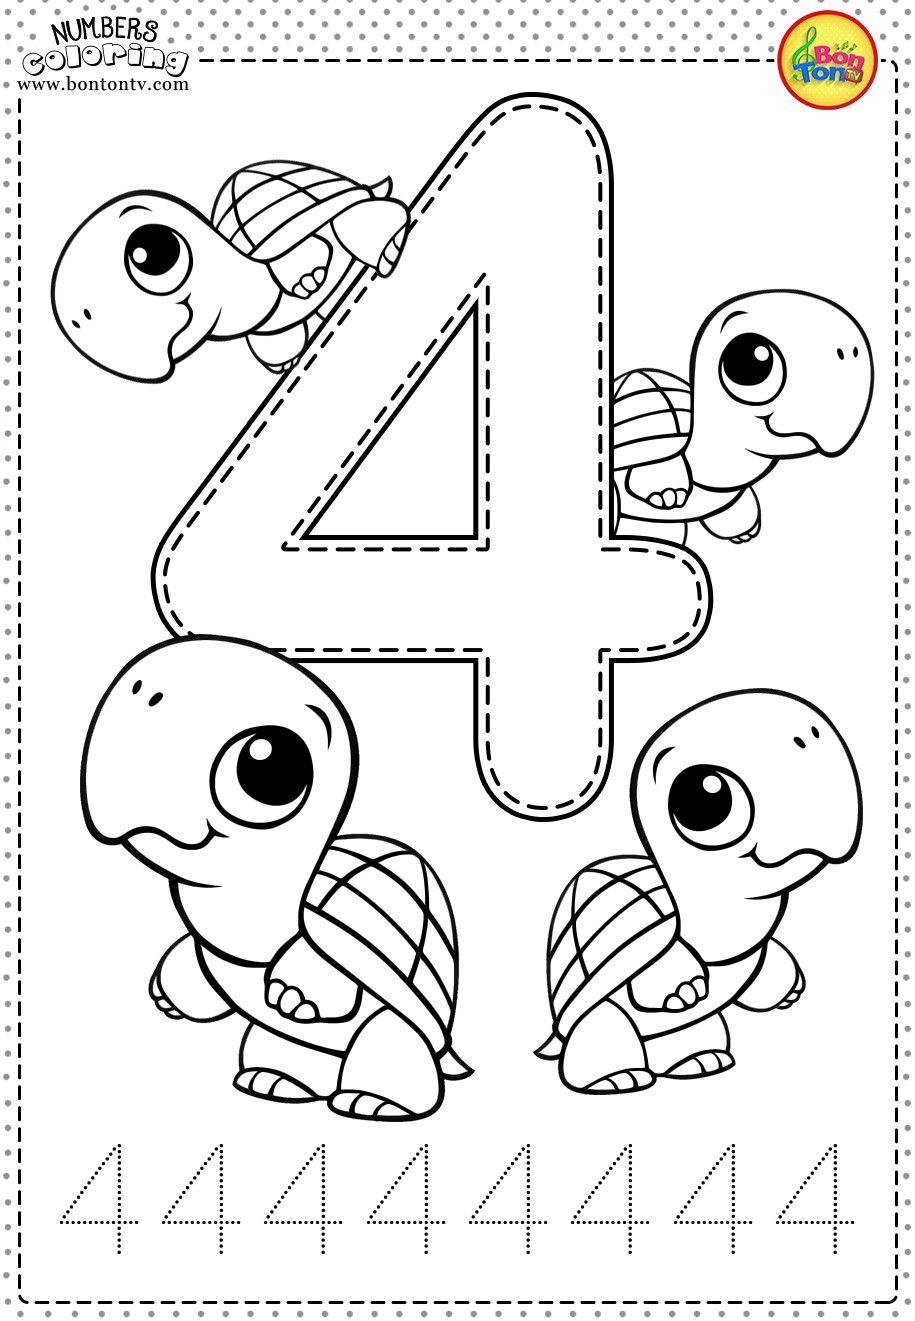 5 Free Printable Kindergarten Worksheets Number 4 Preschool Printables Fre In 2020 Preschool Worksheets Free Printables Free Preschool Printables Kids Learning Numbers [ 1321 x 915 Pixel ]